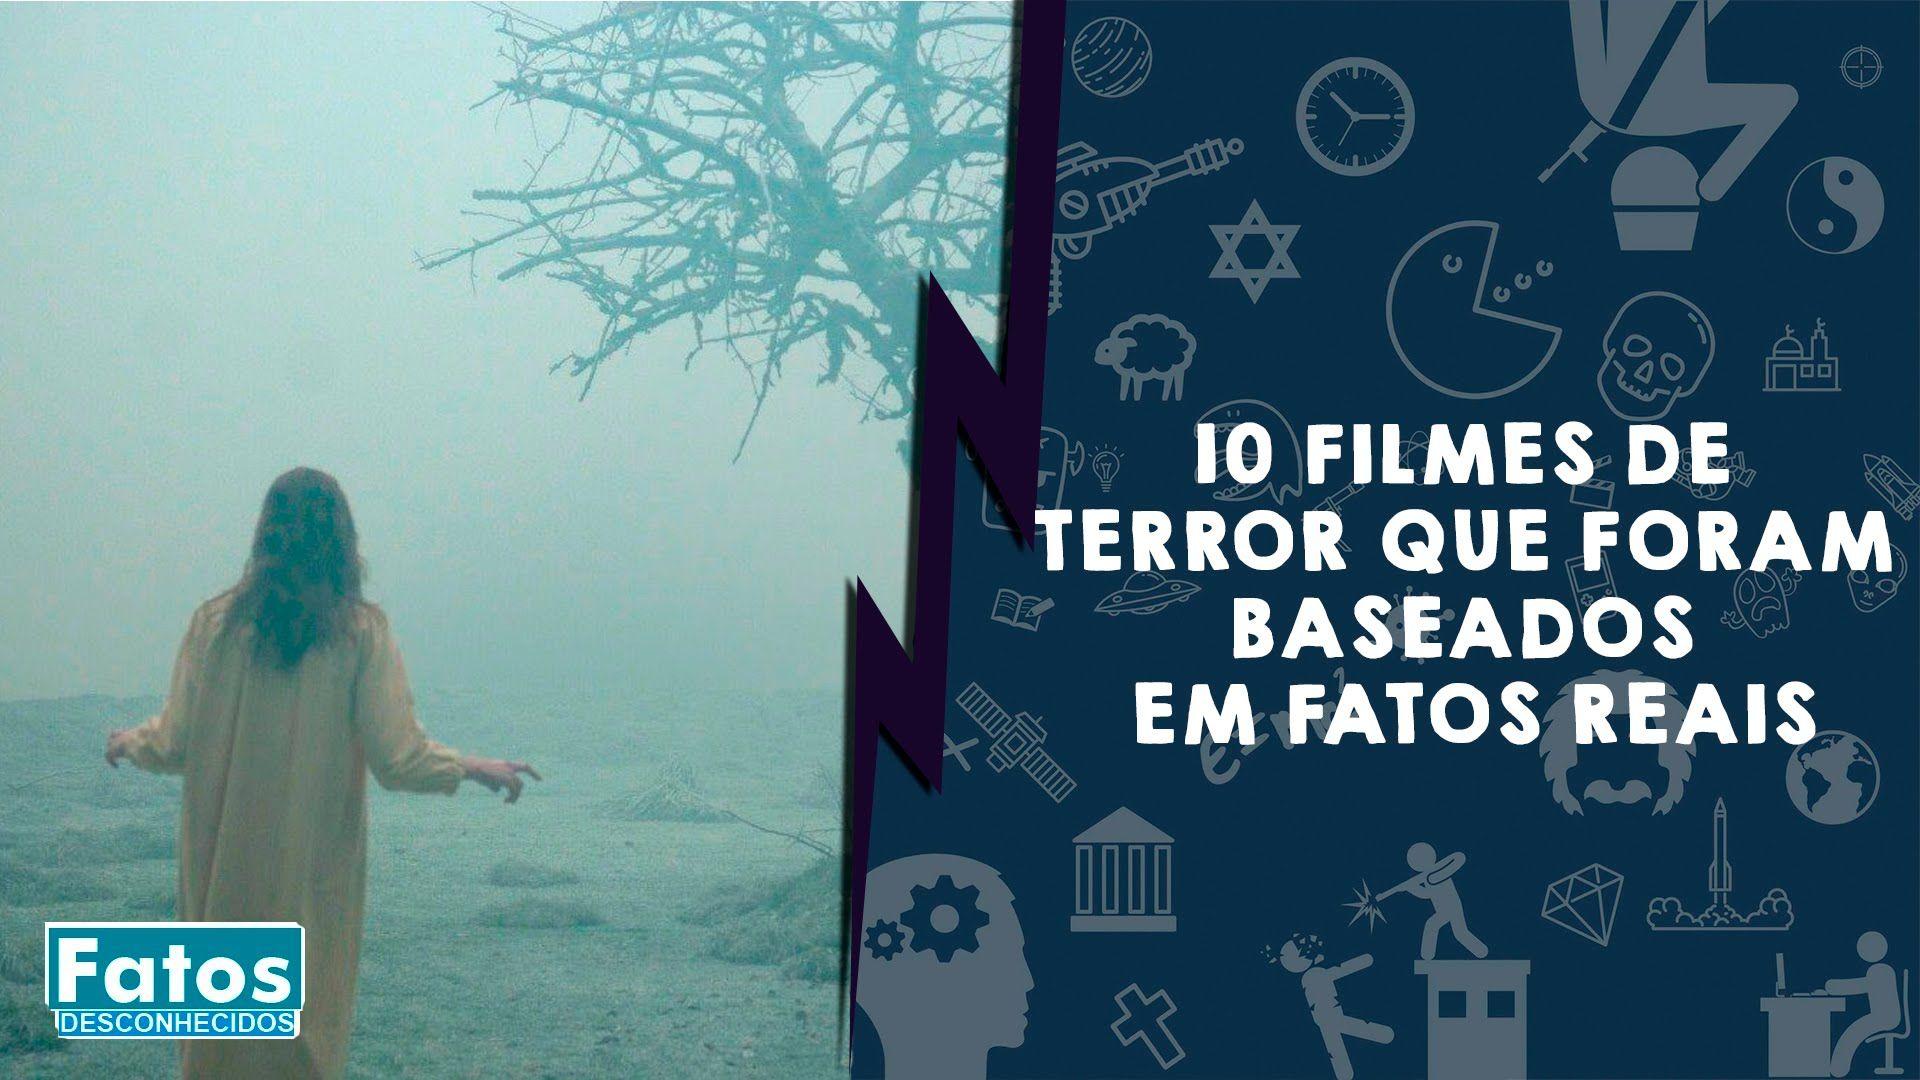 10 Filmes De Terror Que Foram Baseados Em Fatos Reais Filmes De